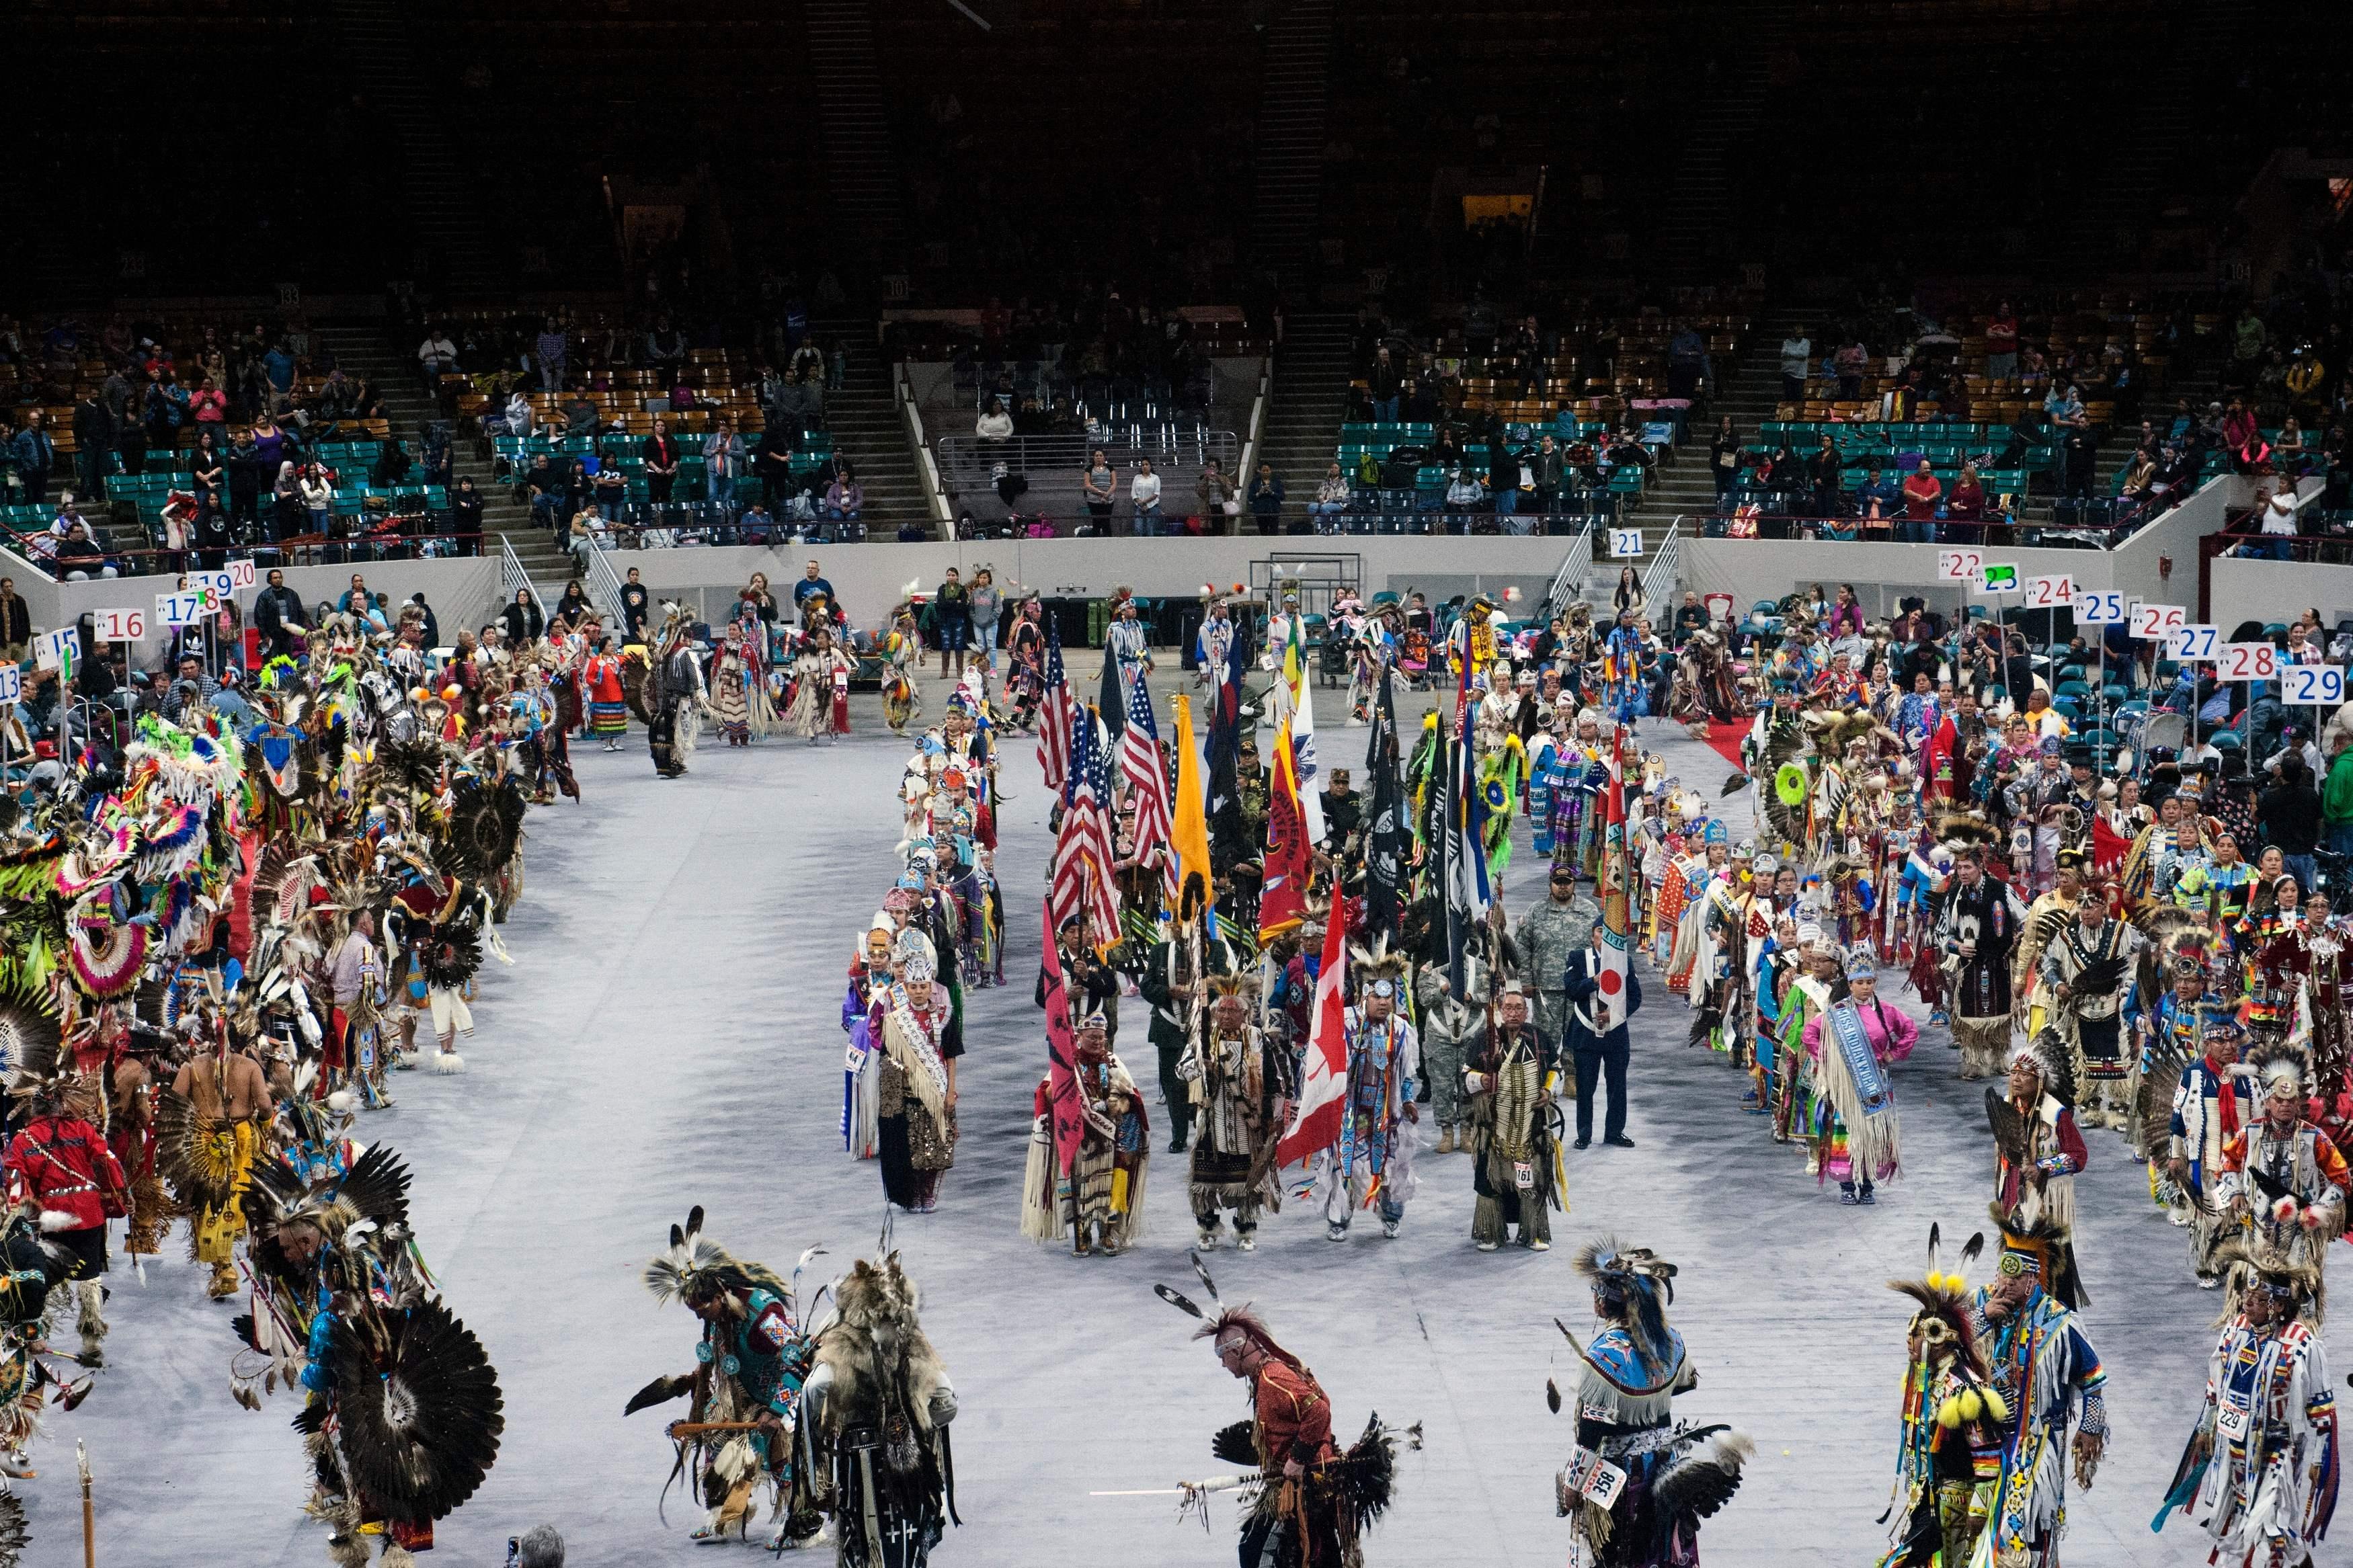 مهرجان الرقص لسكان أمريكا الأصليين بولاية كولورادو